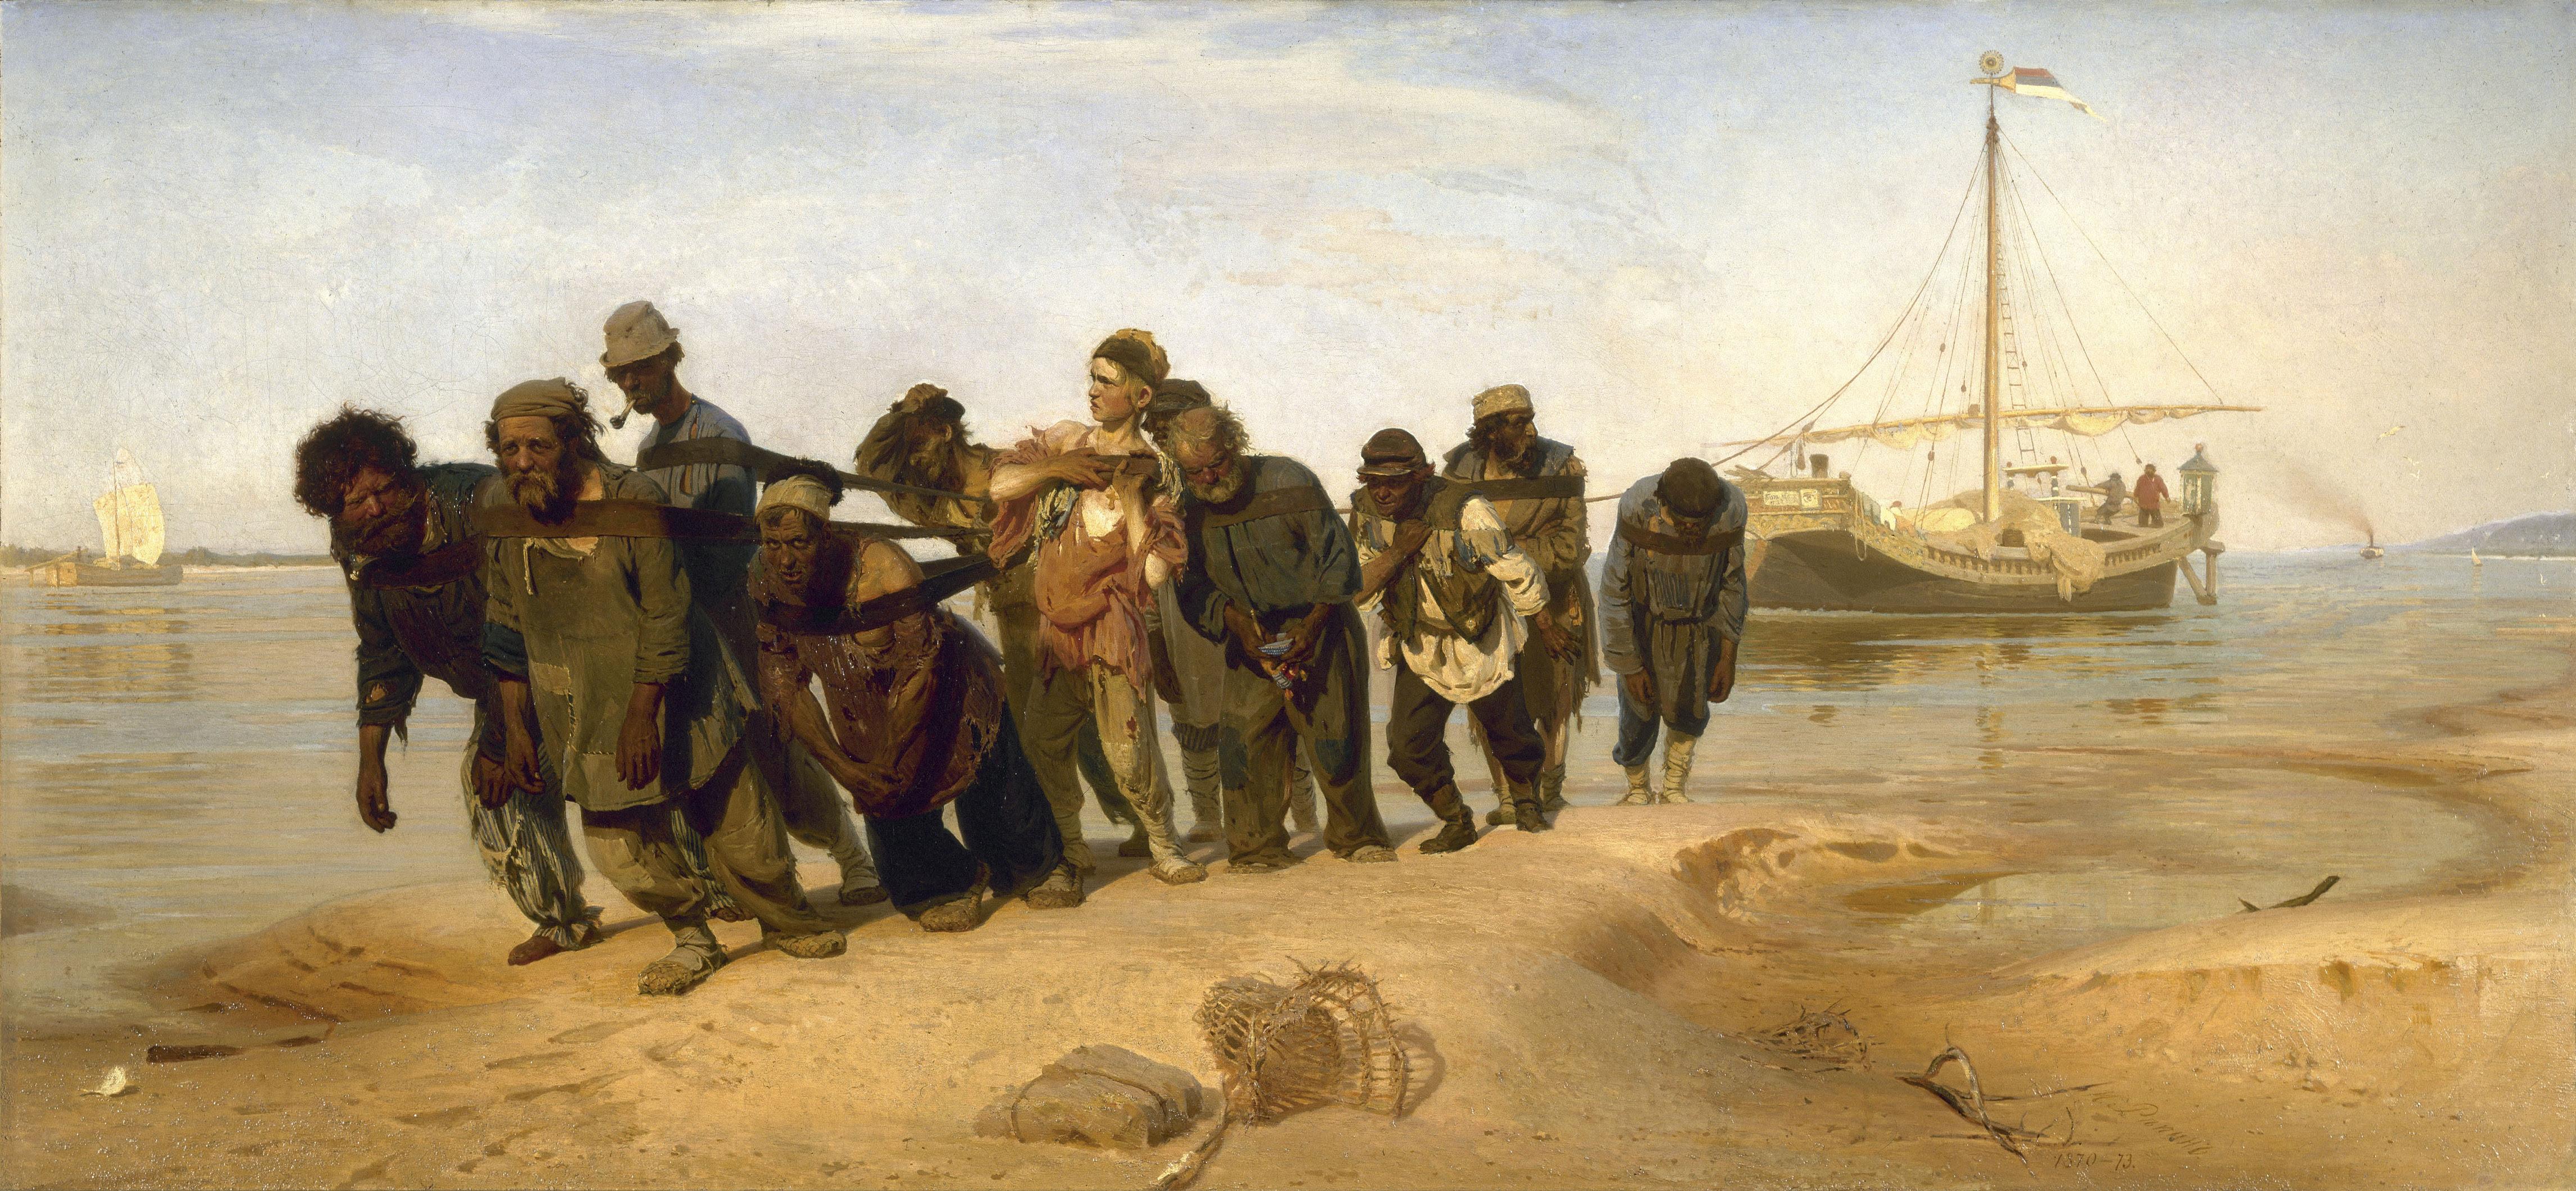 http://upload.wikimedia.org/wikipedia/commons/a/ae/Ilia_Efimovich_Repin_%281844-1930%29_-_Volga_Boatmen_%281870-1873%29.jpg